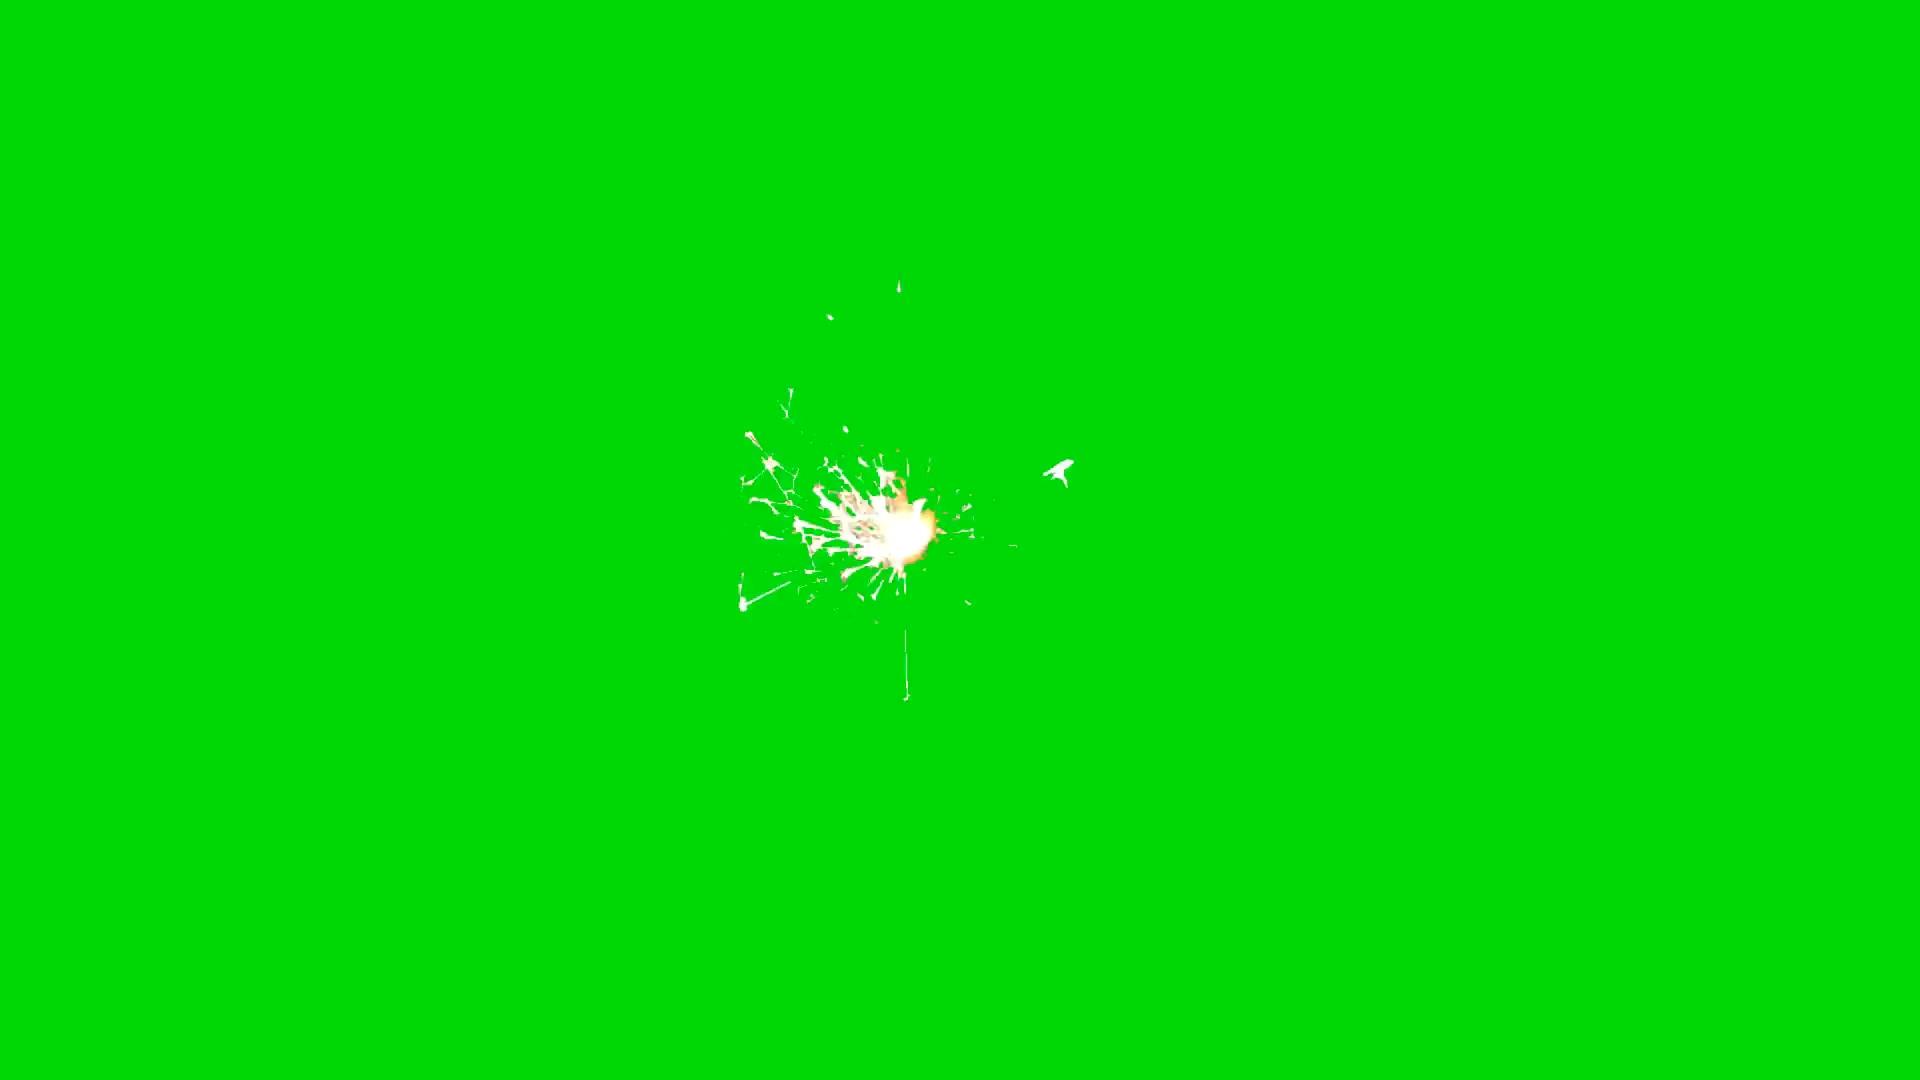 绿屏抠像烟花火光